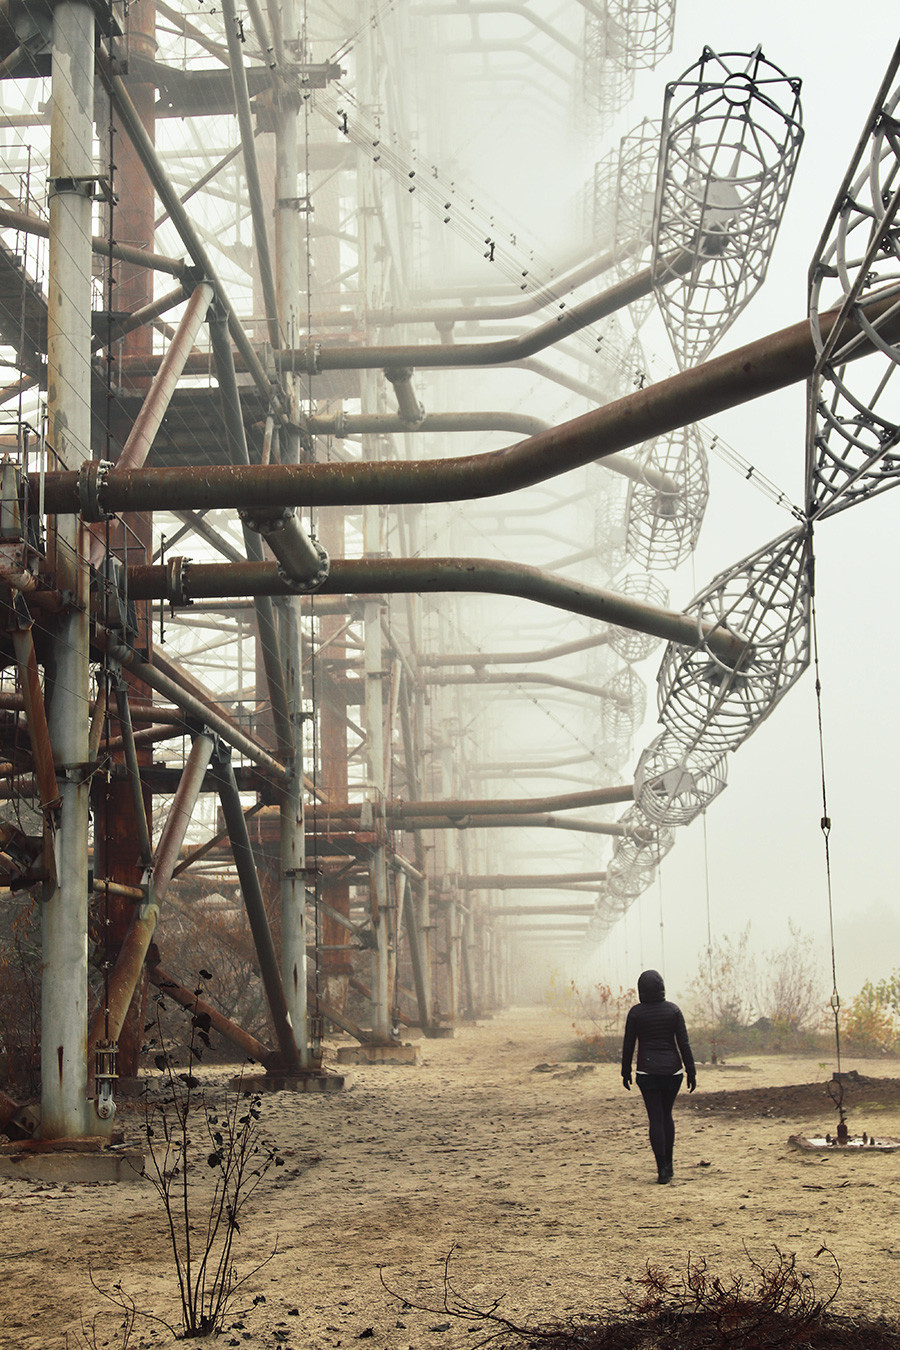 """Бивши војни радарски систем """"Дуга"""" у Чернобиљској зони отуђења, Украјина. Данашњи изглед, поглед одоздо."""